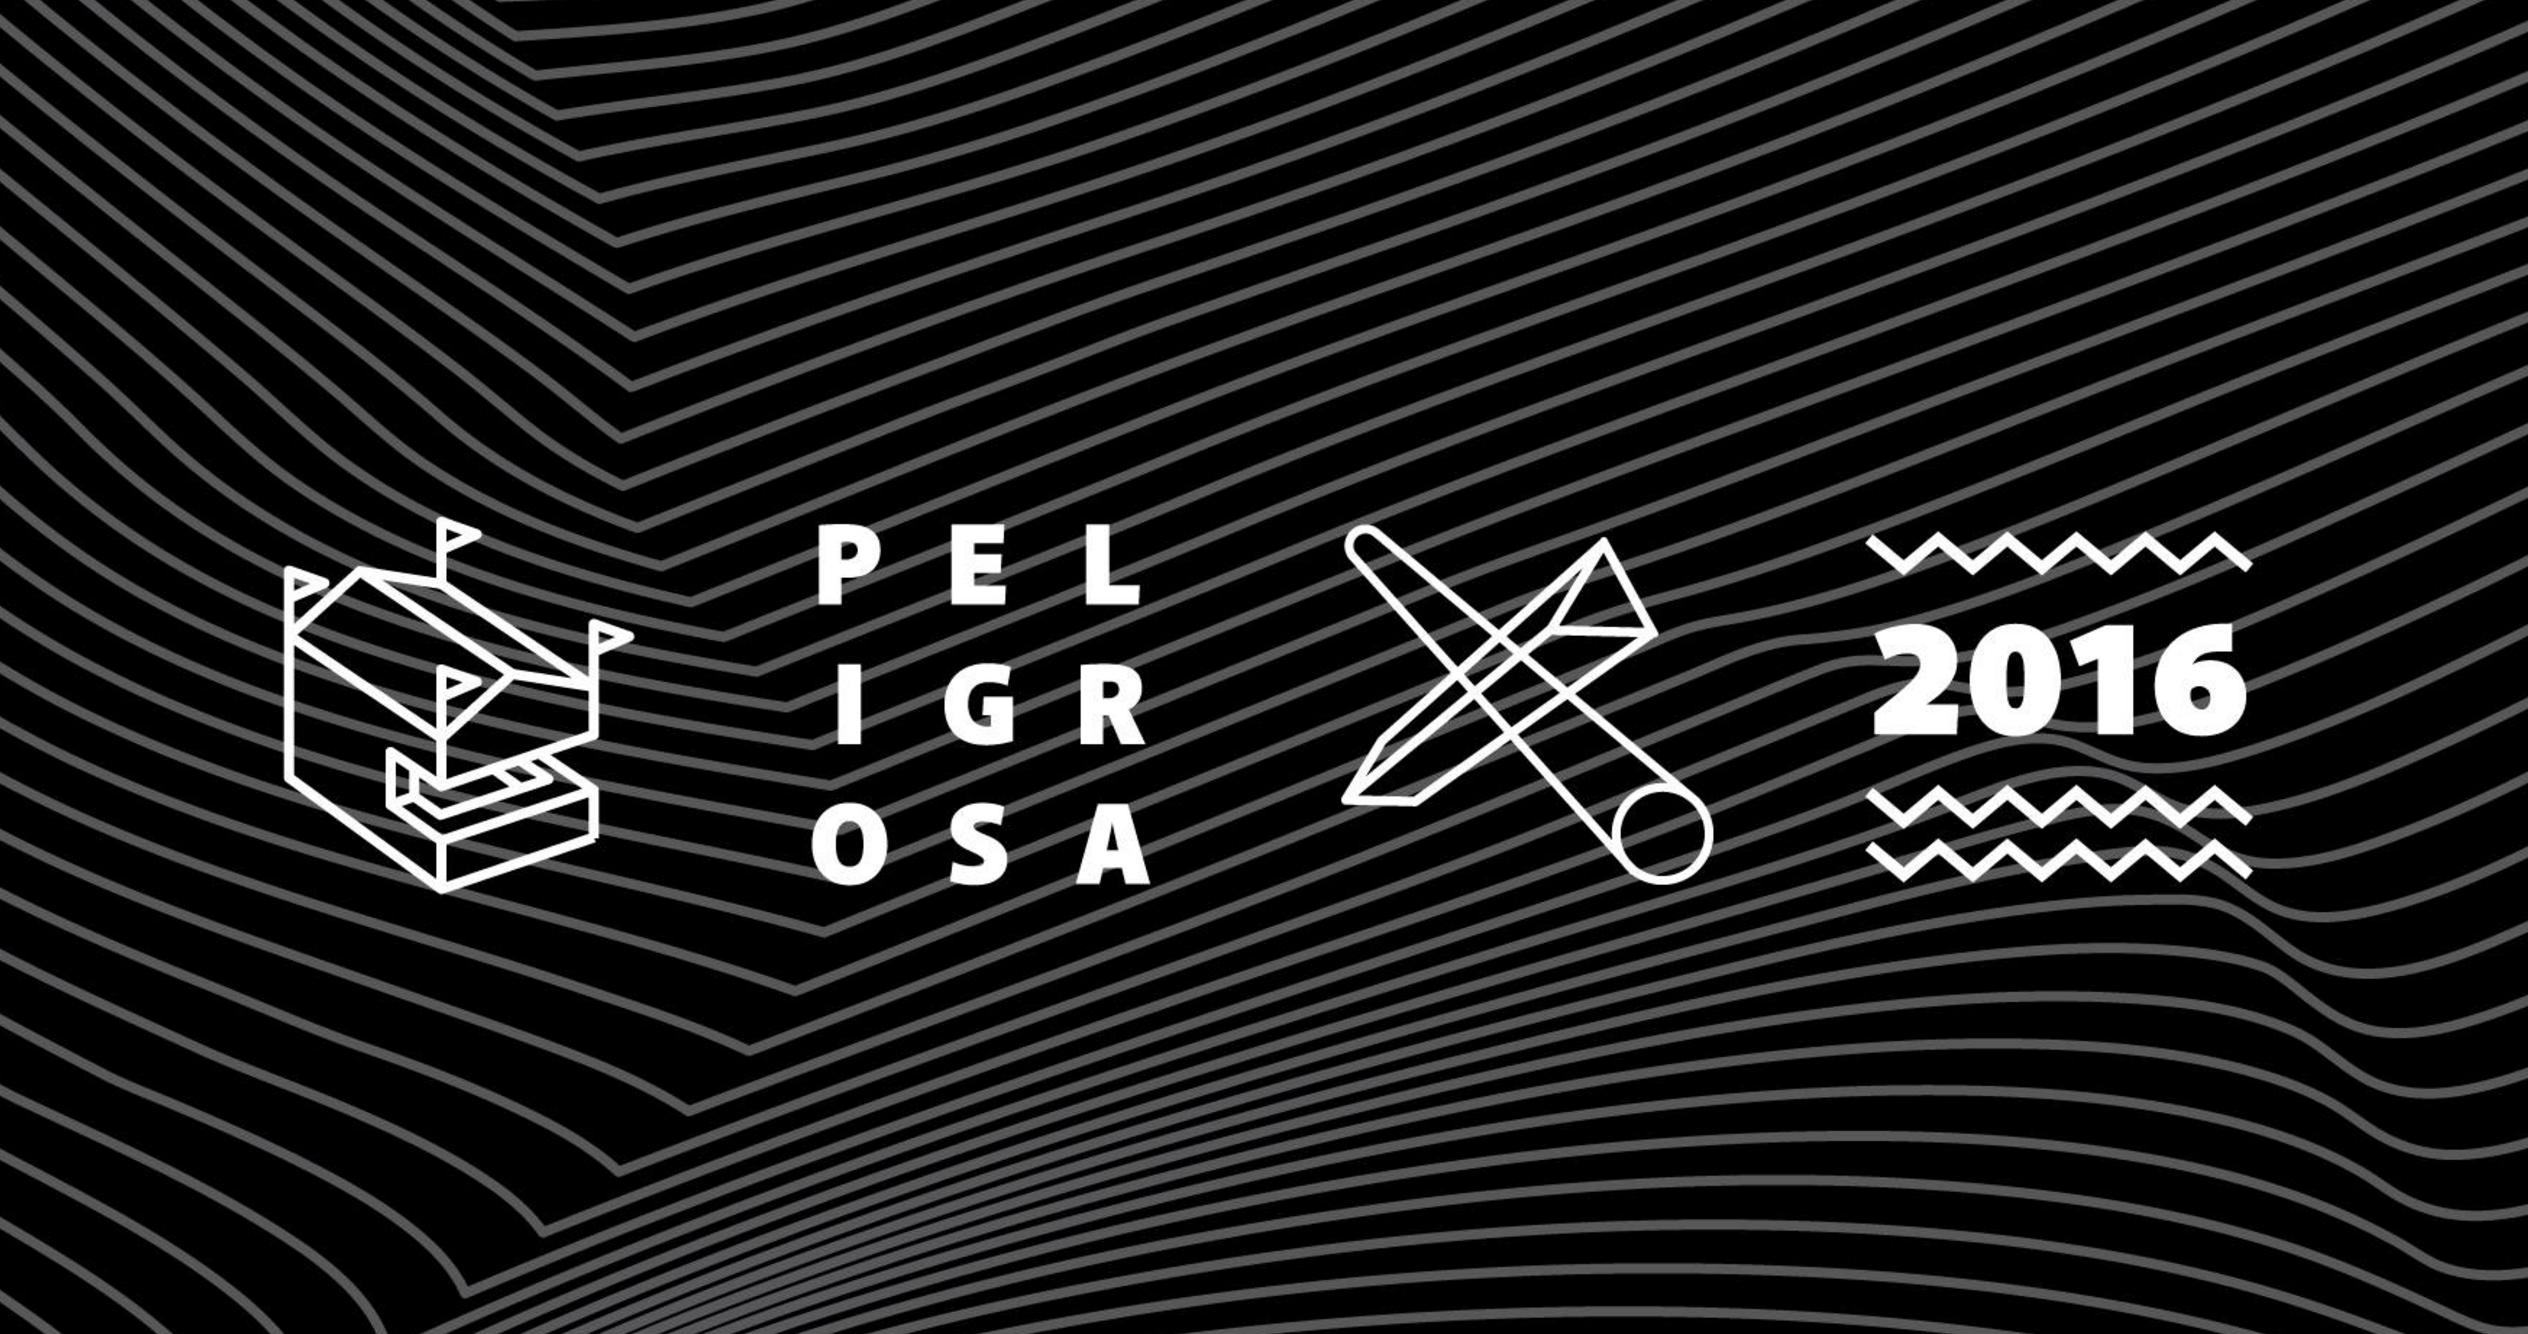 Peligrosa SXSW 2016 4